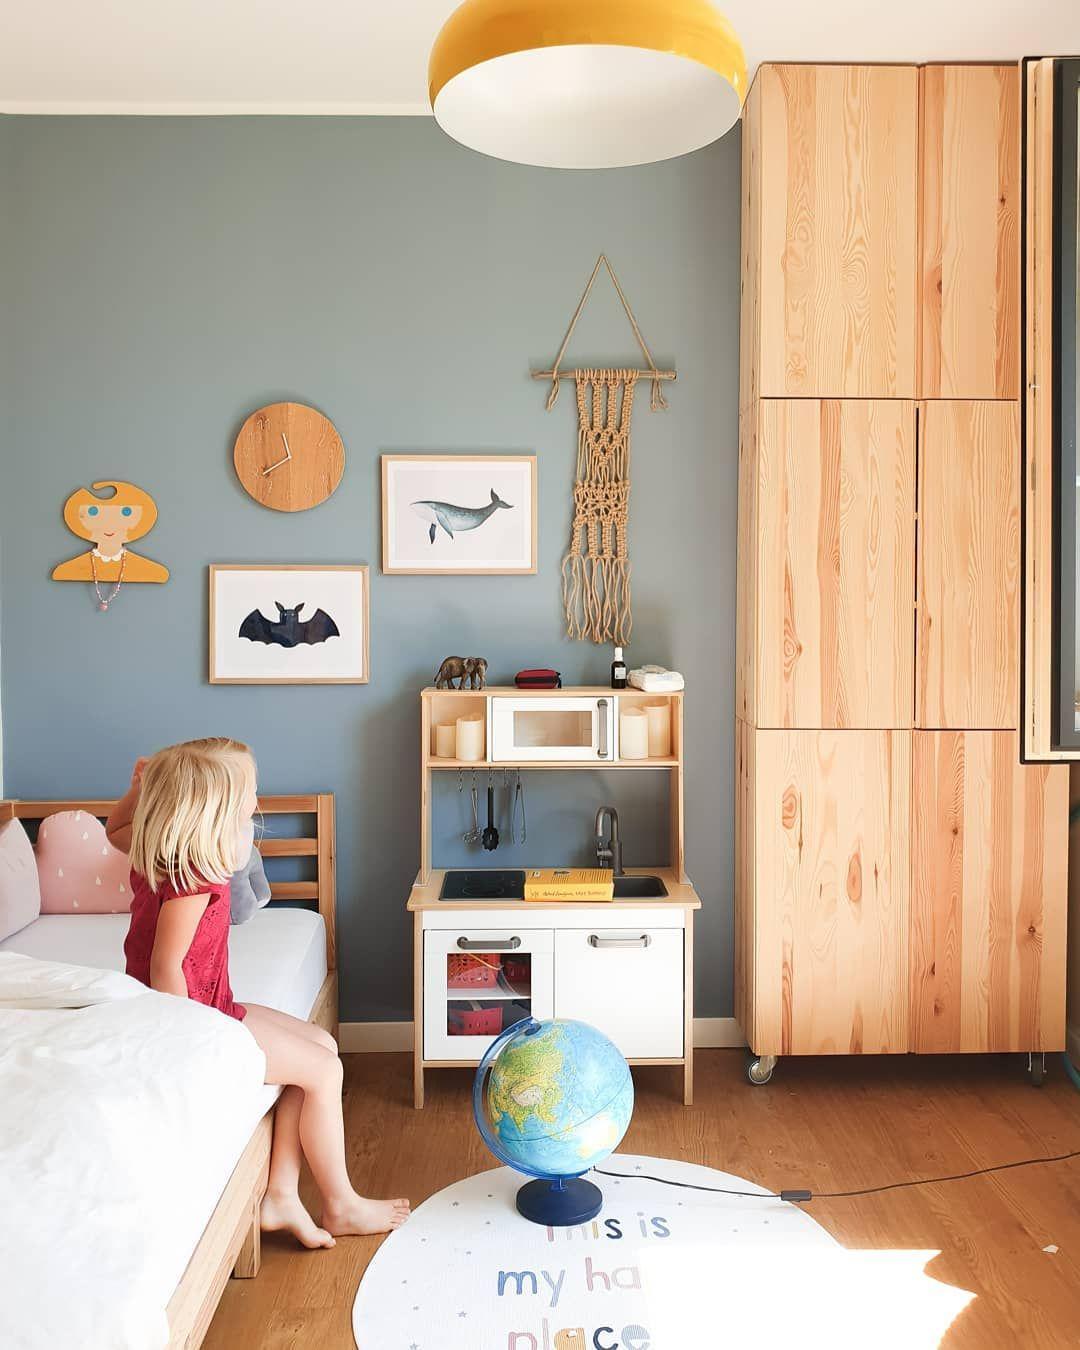 Wohnen Alle Lieben Ivar Von Ikea Amazed Kinderzimmer Schrank Ikea Kinderzimmer Schrank Ikea Babyzimmer